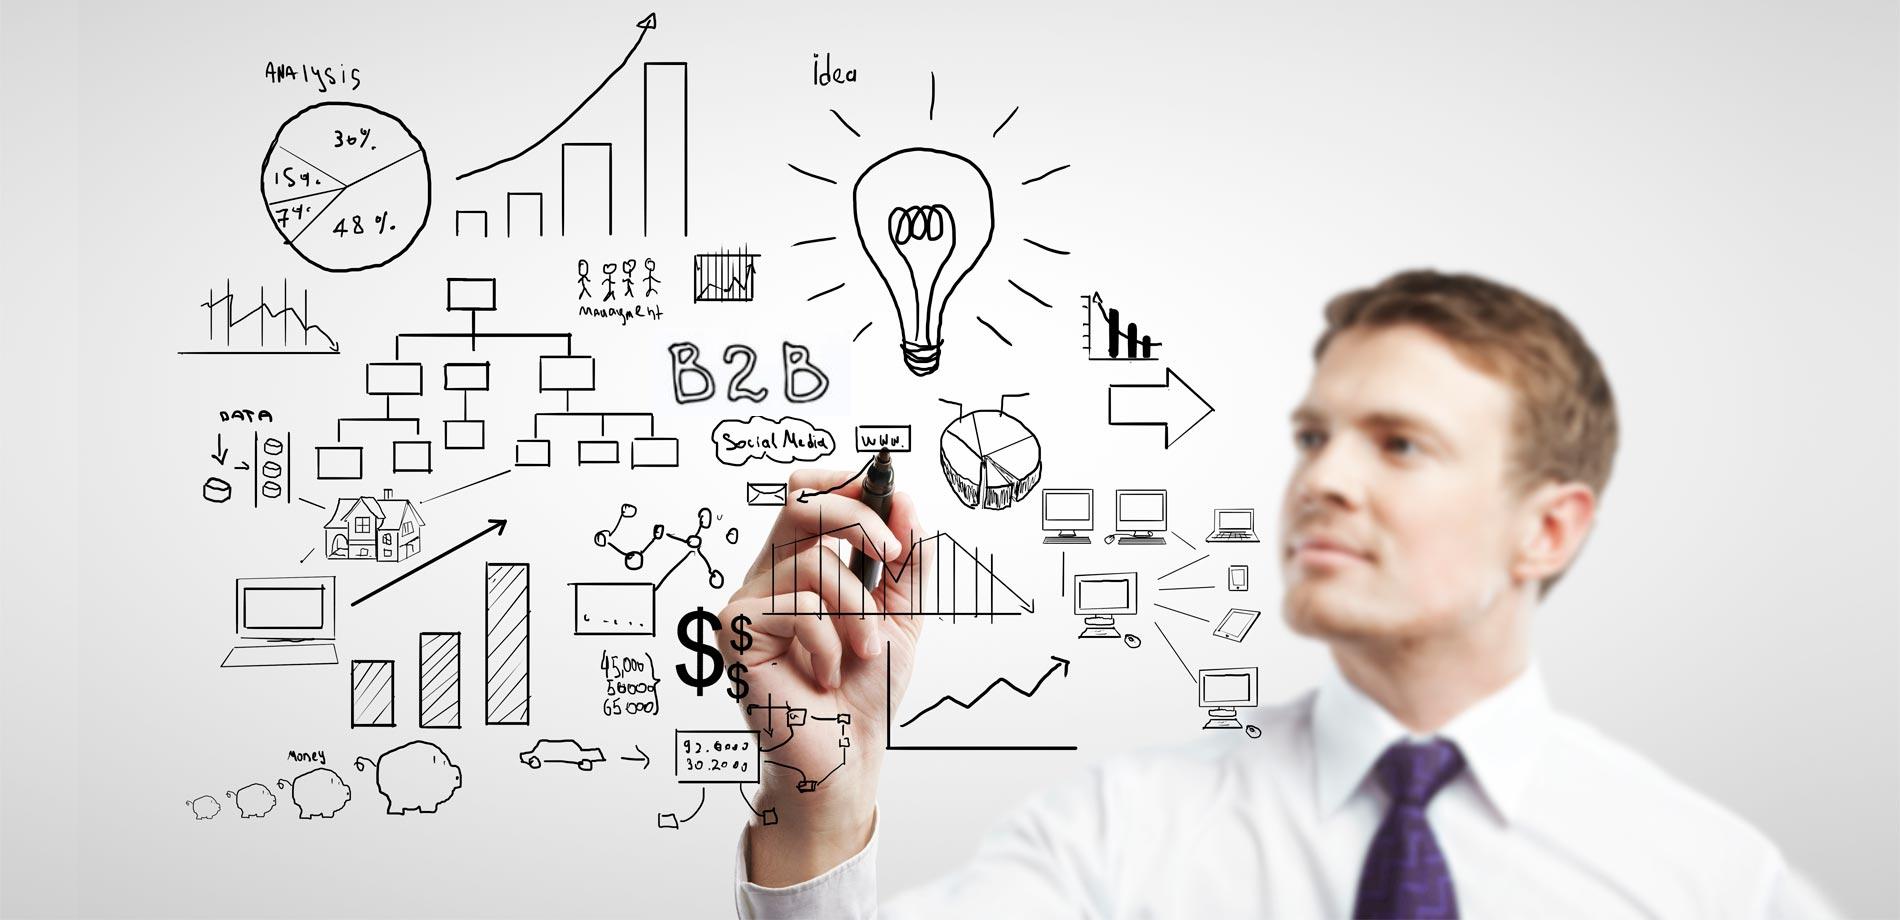 Por Que aplicar estratégias de Marketing Digital no mercado B2B?